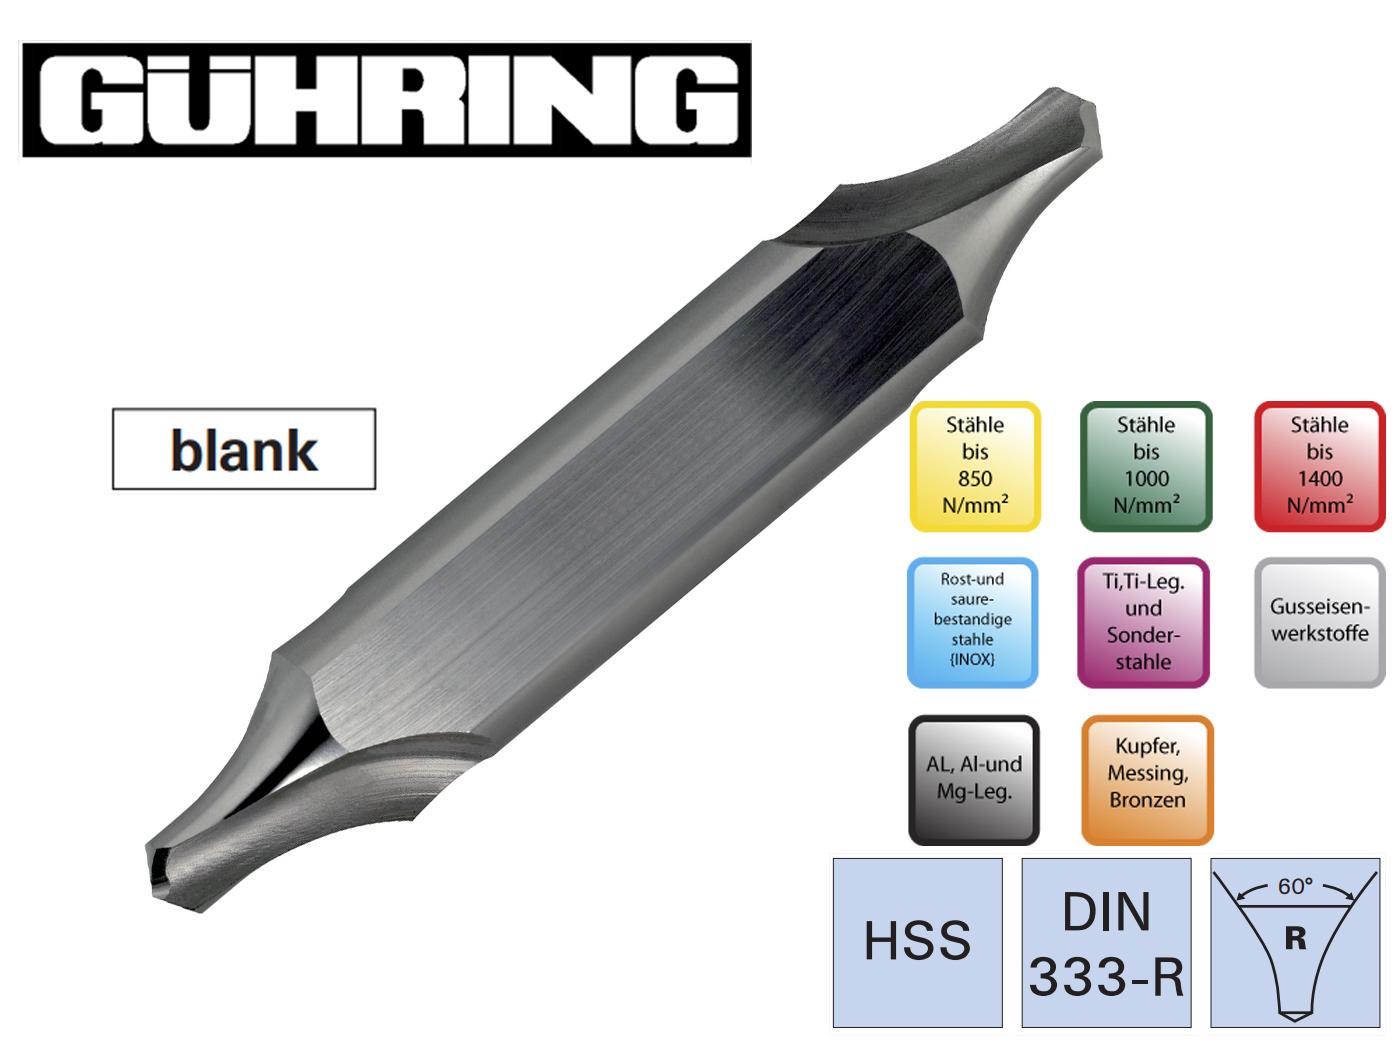 Centreerboren met vlak DIN 333 R Ghuring | DKMTools - DKM Tools